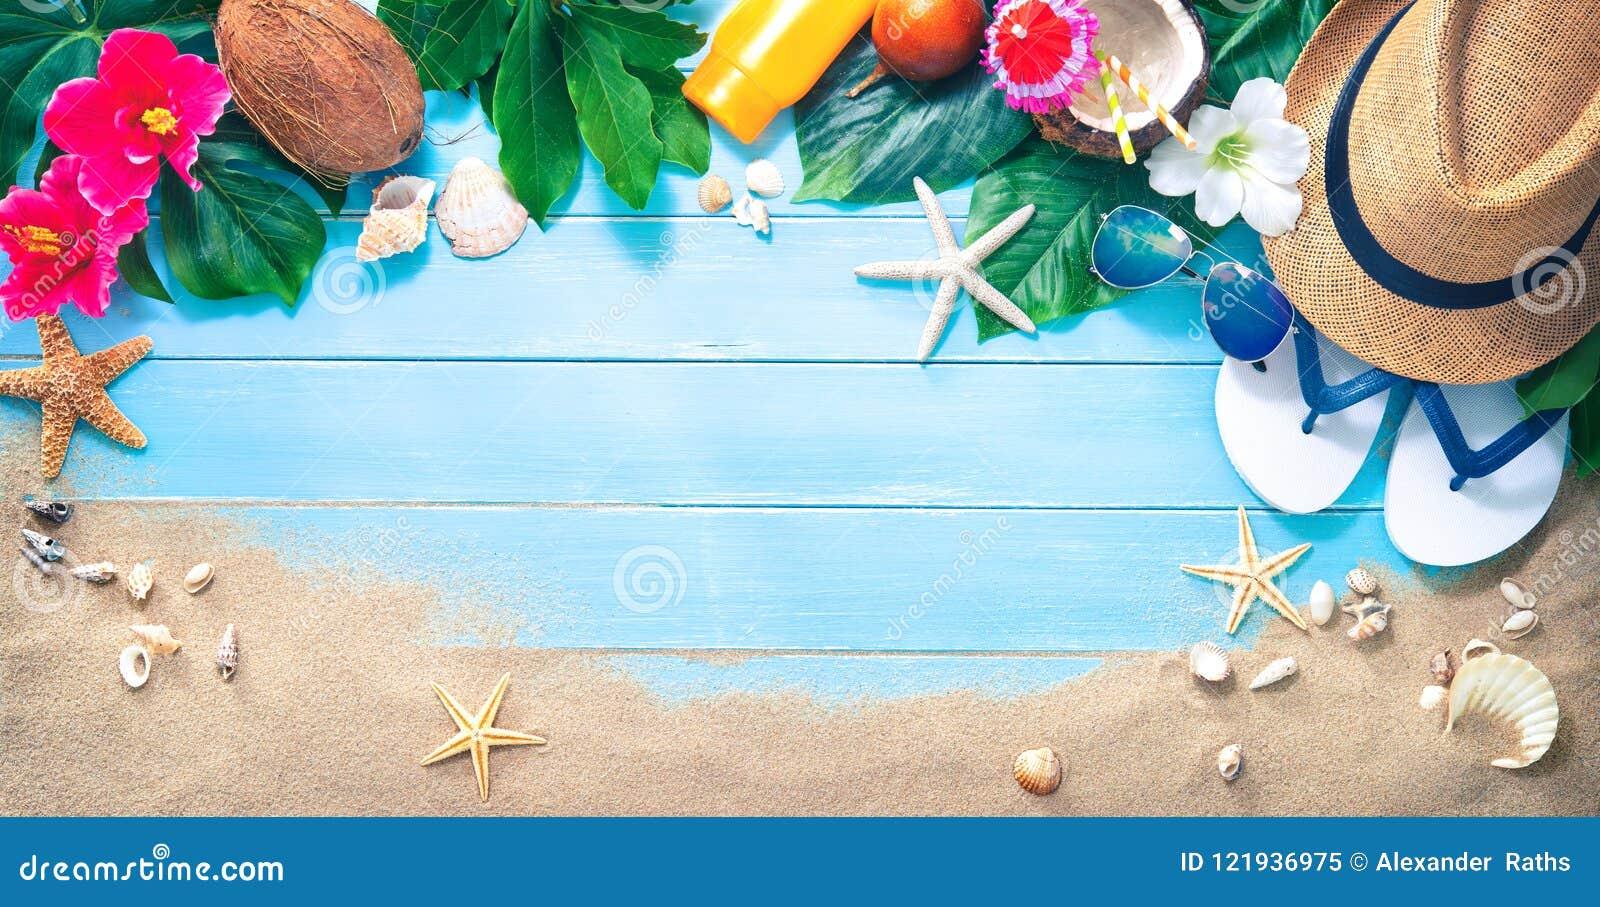 Słomiany kapelusz z egzotycznym koktajlem i okulary przeciwsłoneczni na piasku wyrzucać na brzeg